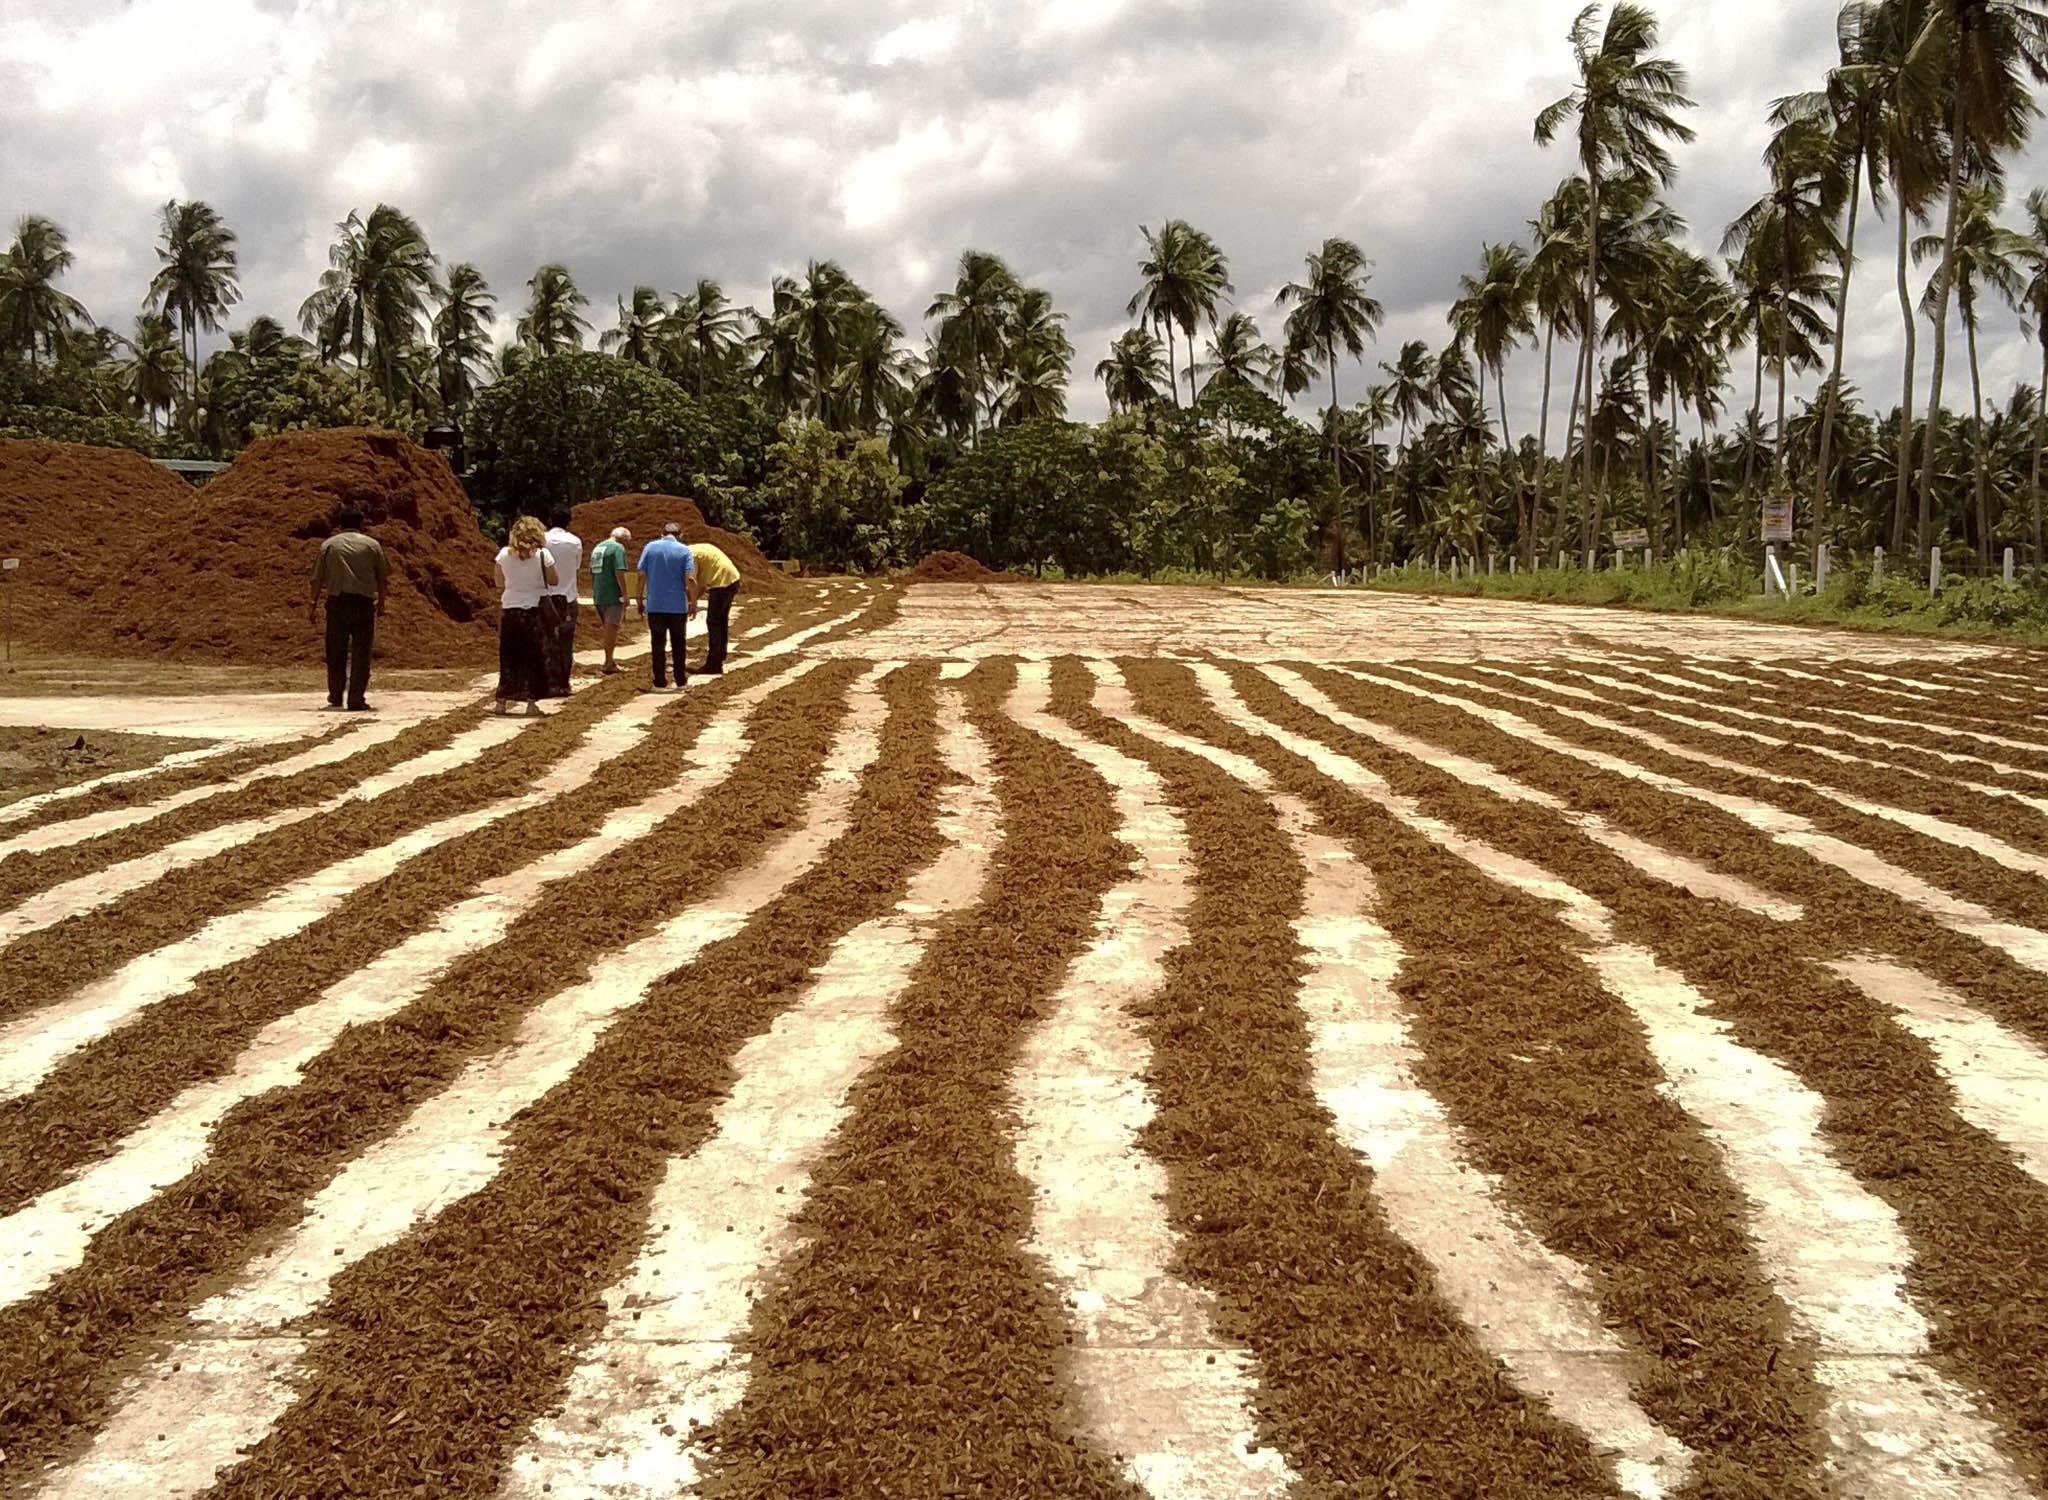 médula de coco en una plataforma de cemento durante el proceso de secado